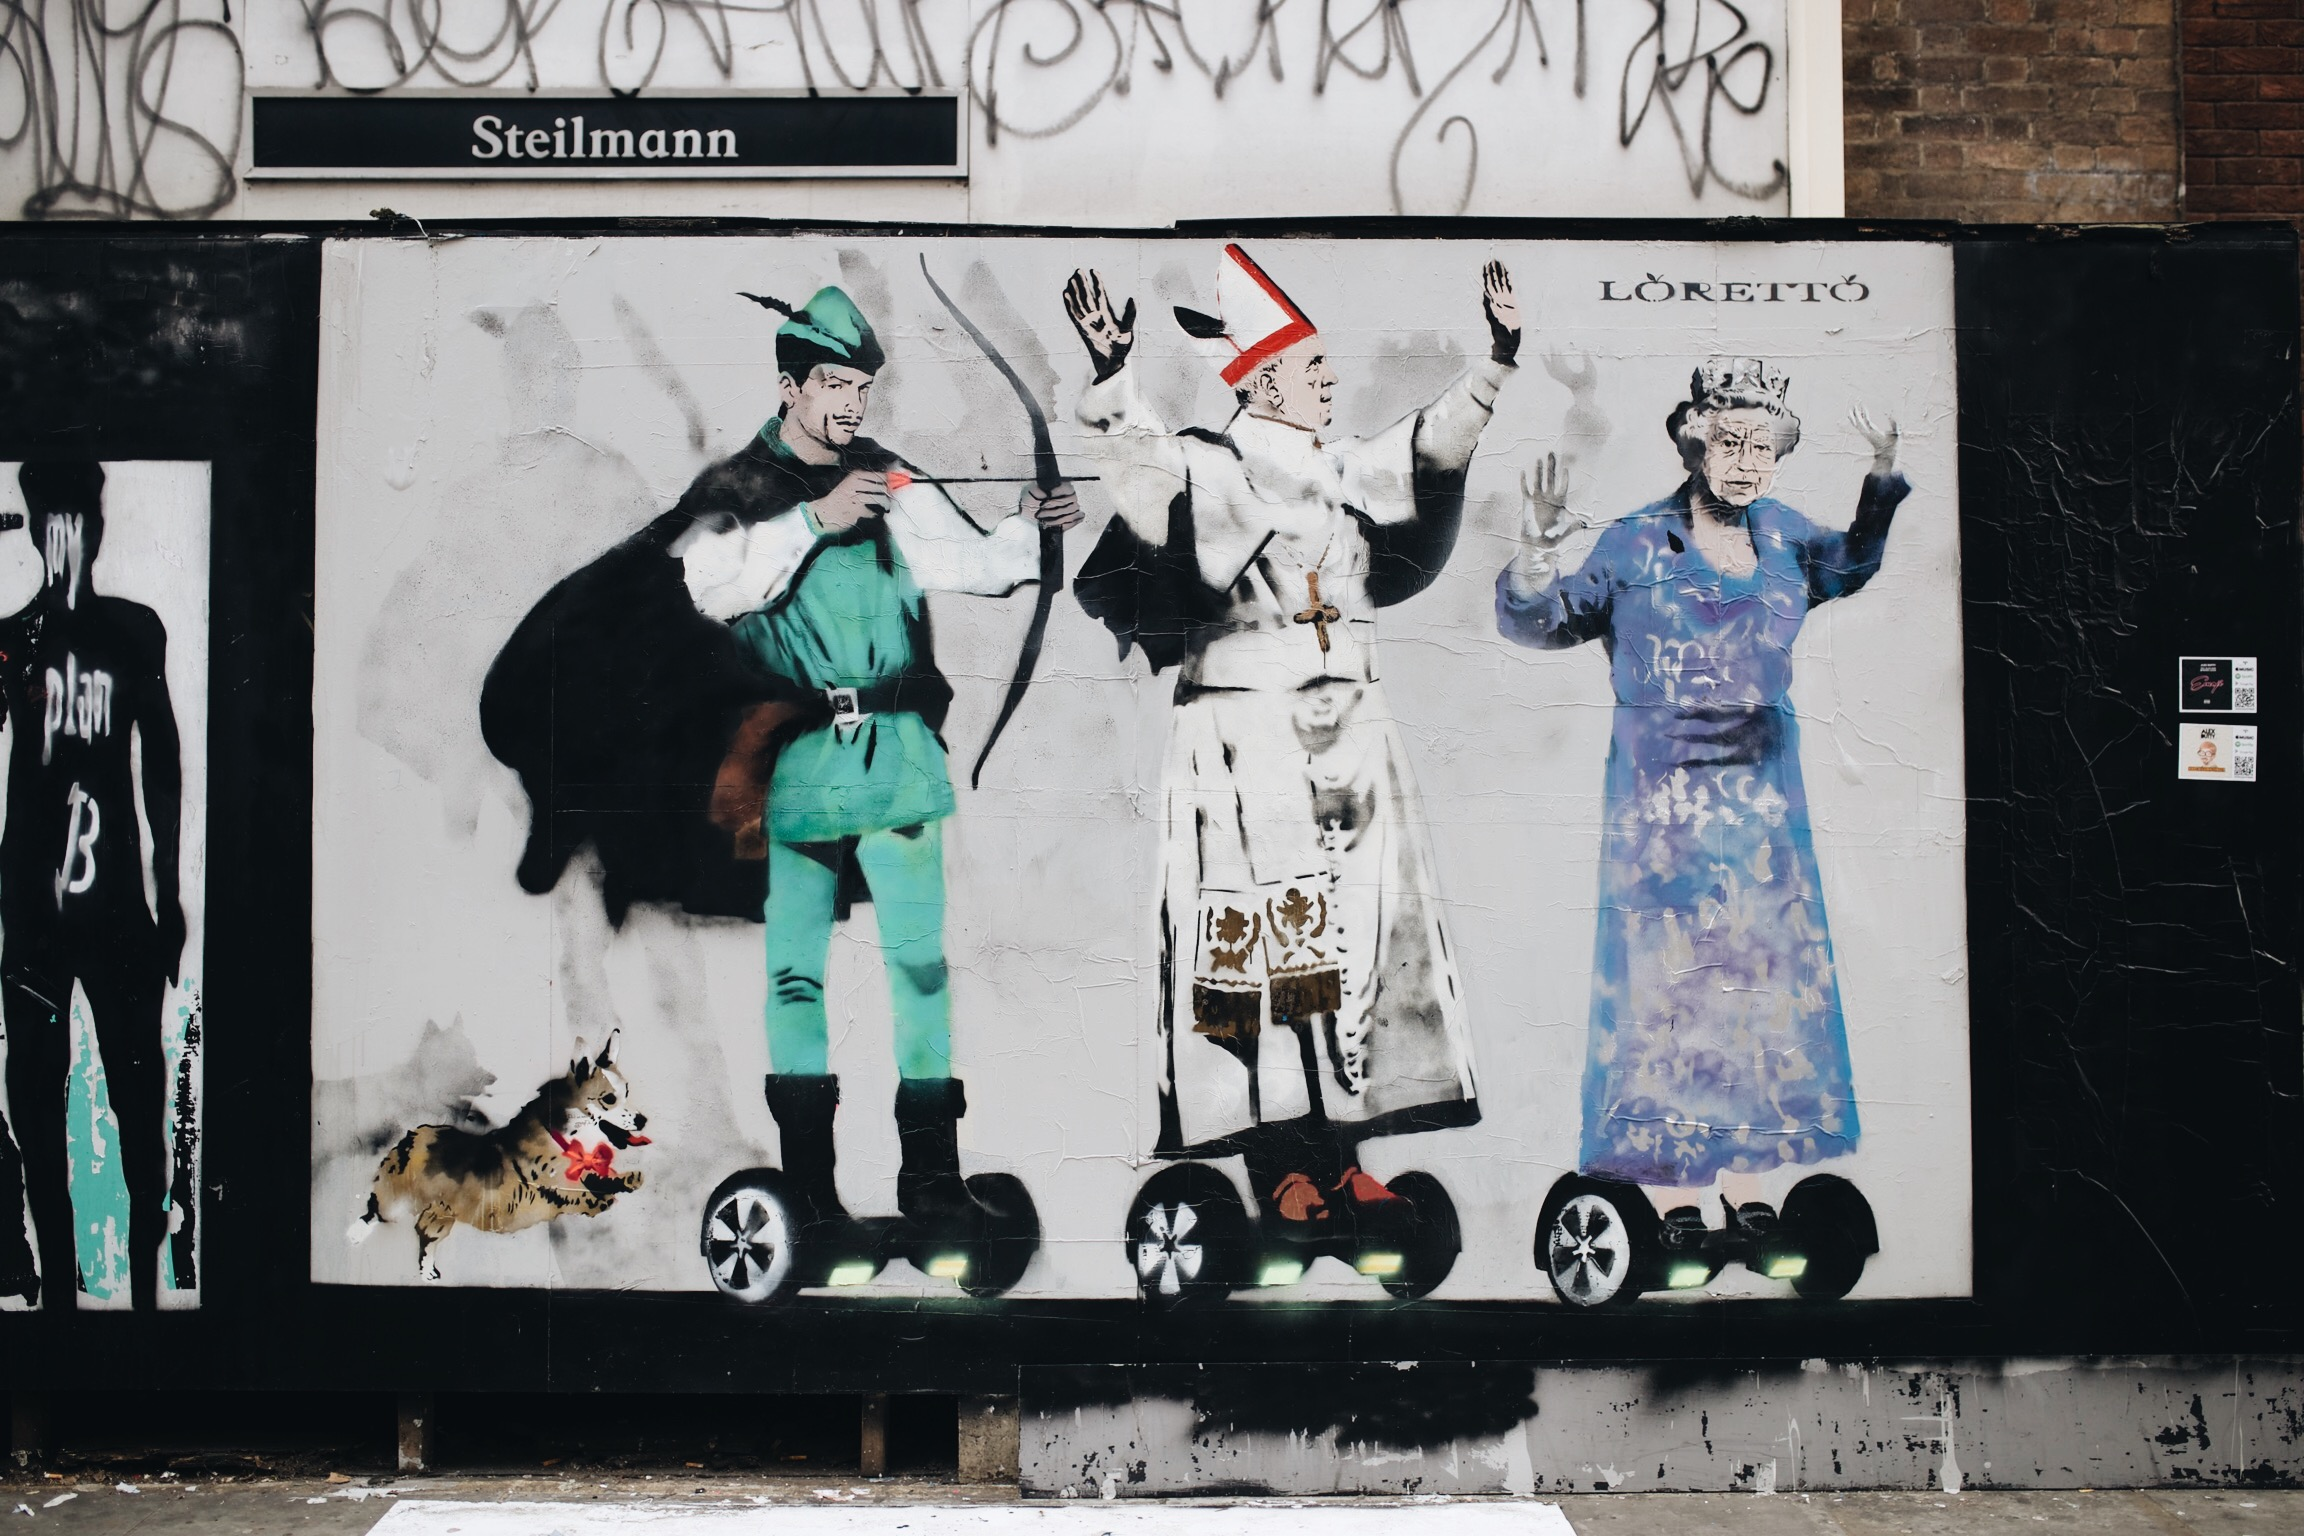 covent-garden-street-art-londres.JPG